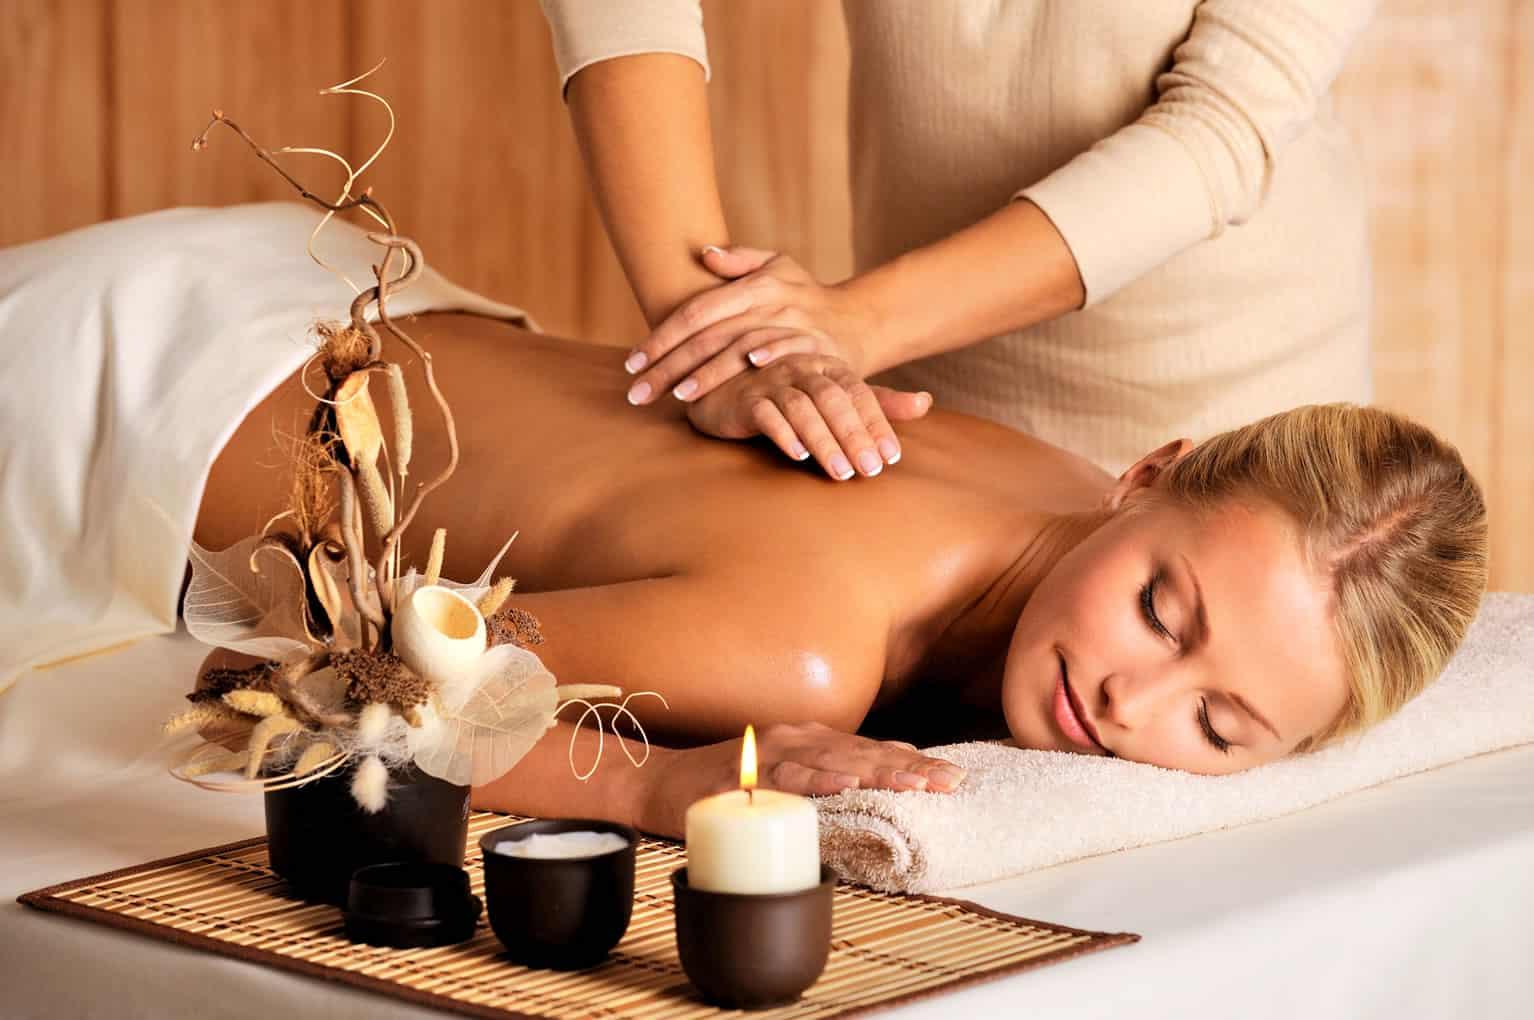 eskorttjejer stockholm erotic masage